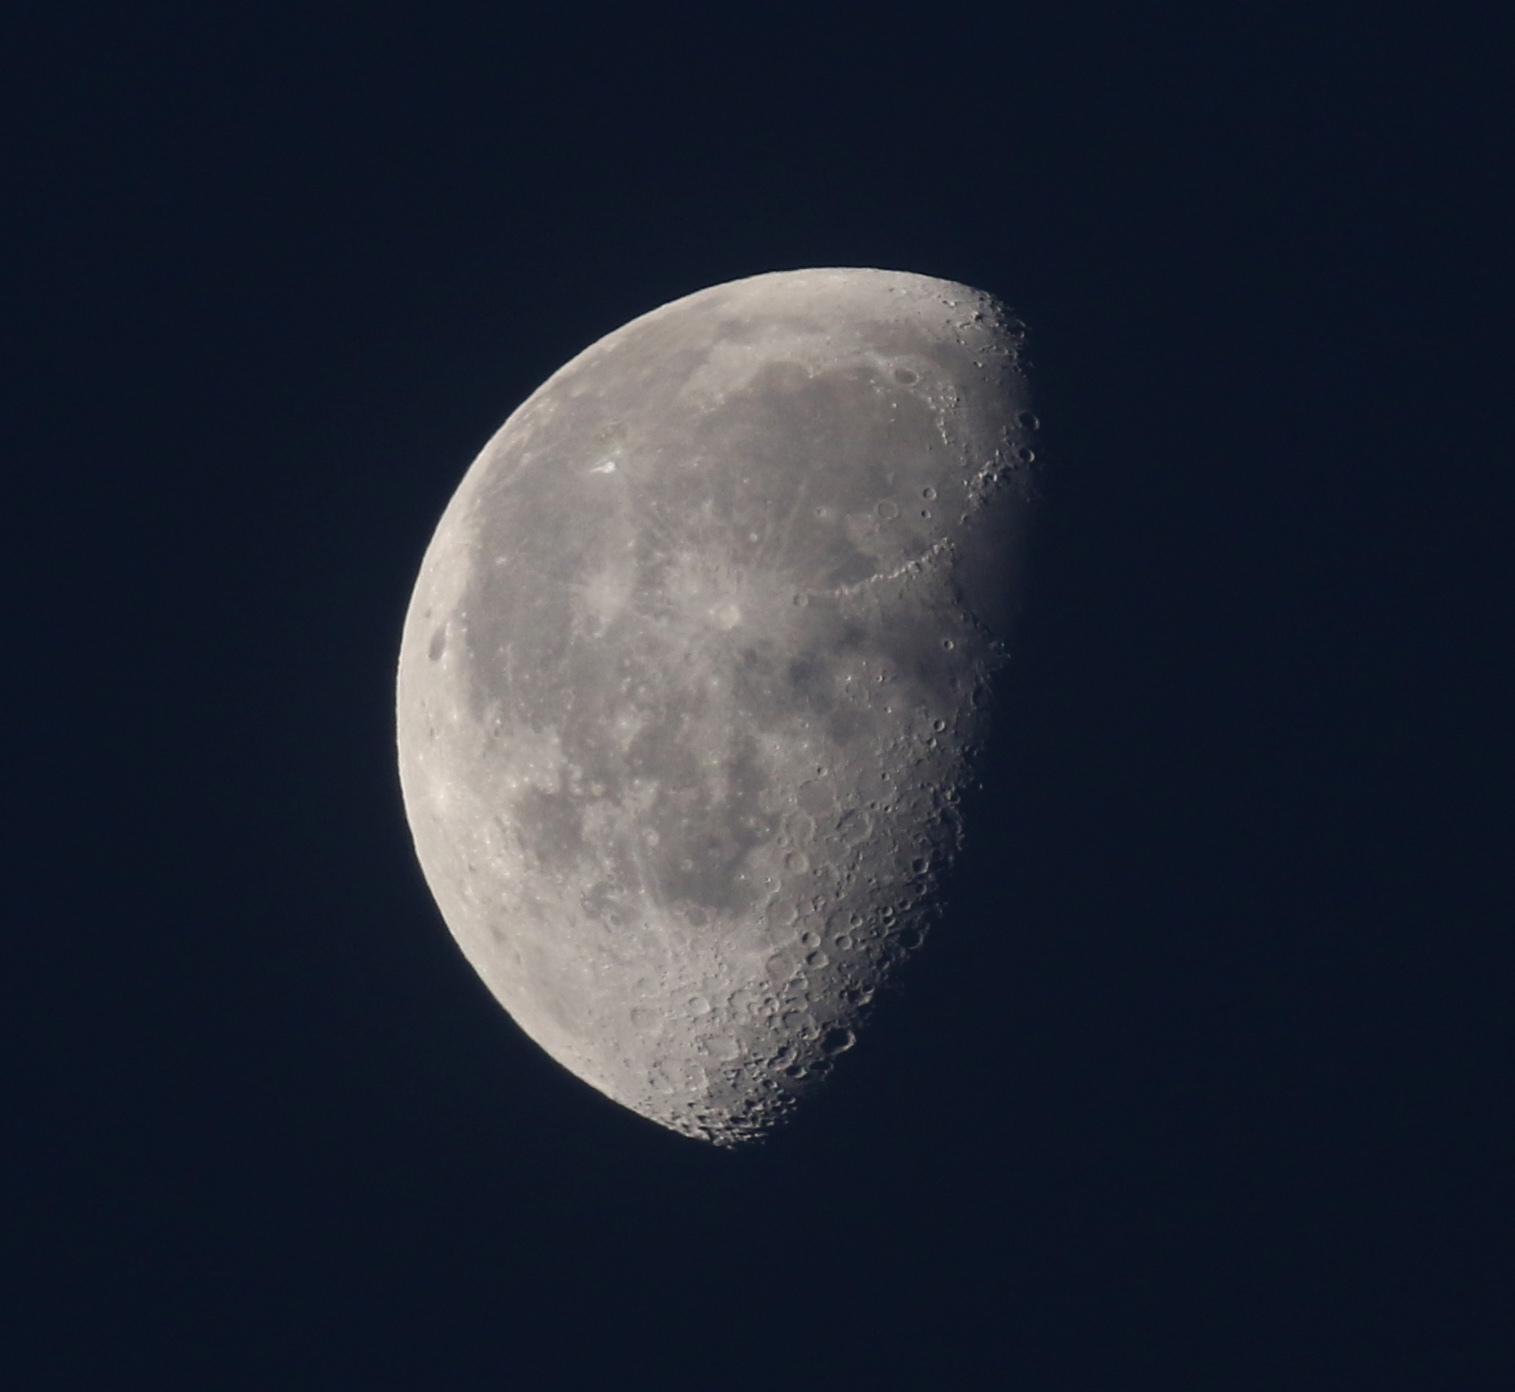 la lune, du 28/10/2018 au 15/11/2018